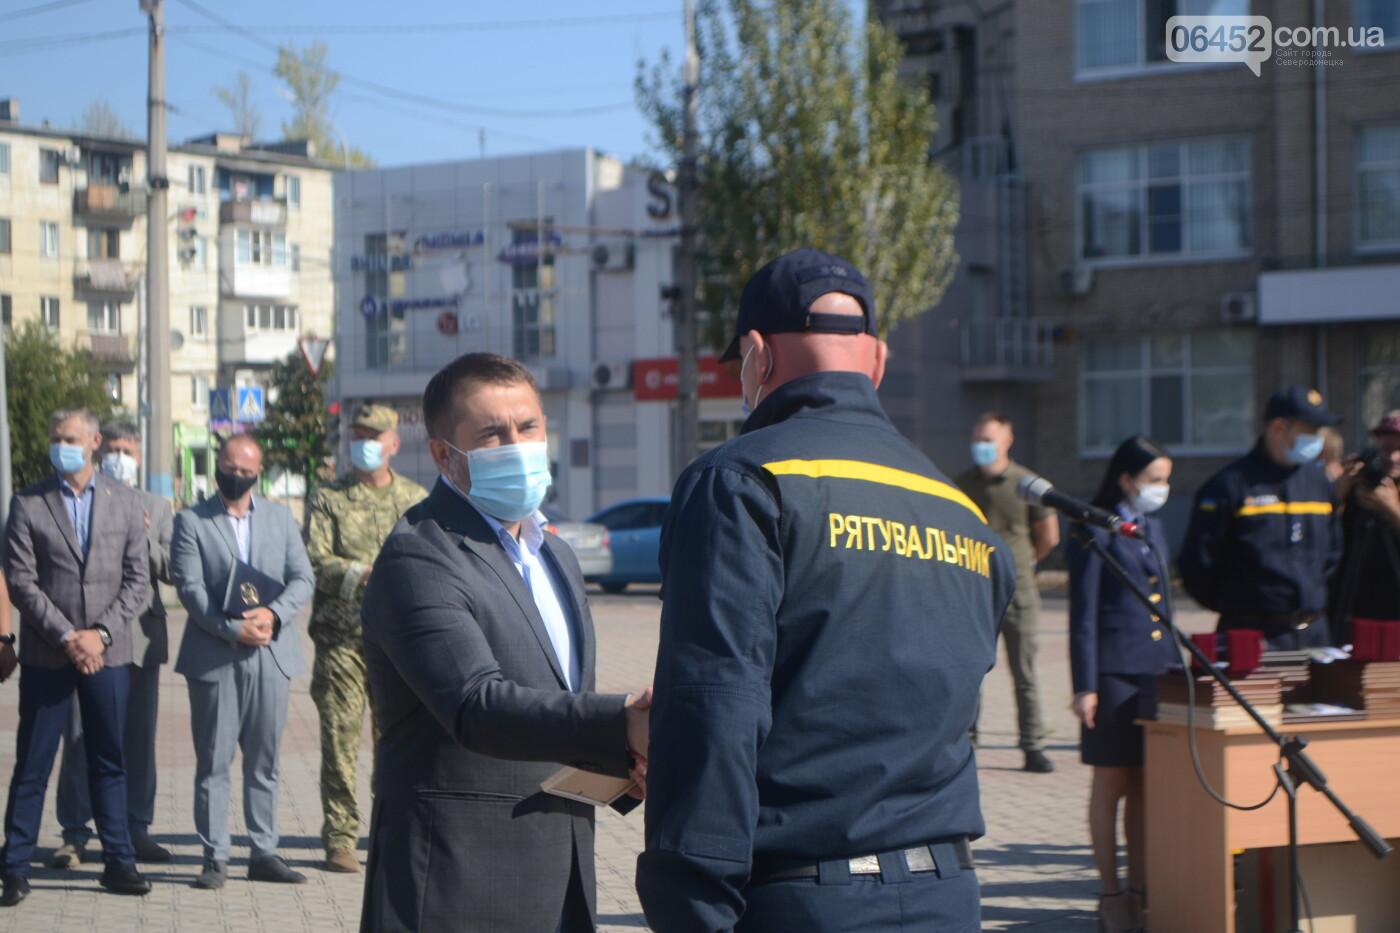 Северодончане отметили День спасателя Украины (фоторепортаж) , фото-12